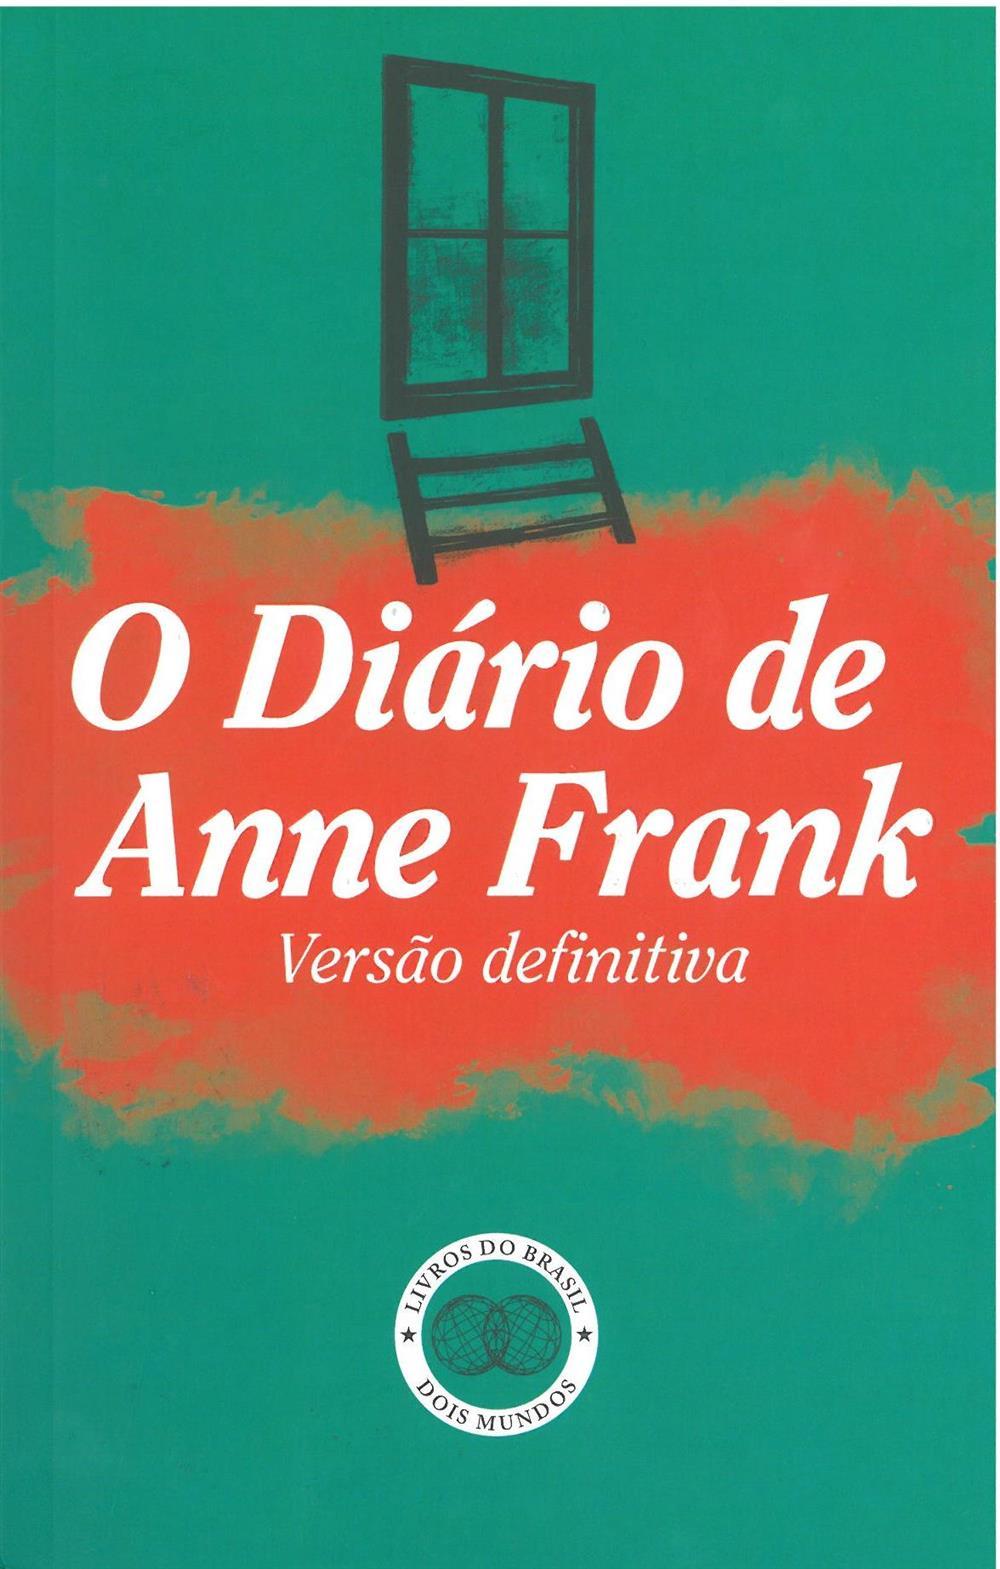 O diário de Anne Frank_.jpg